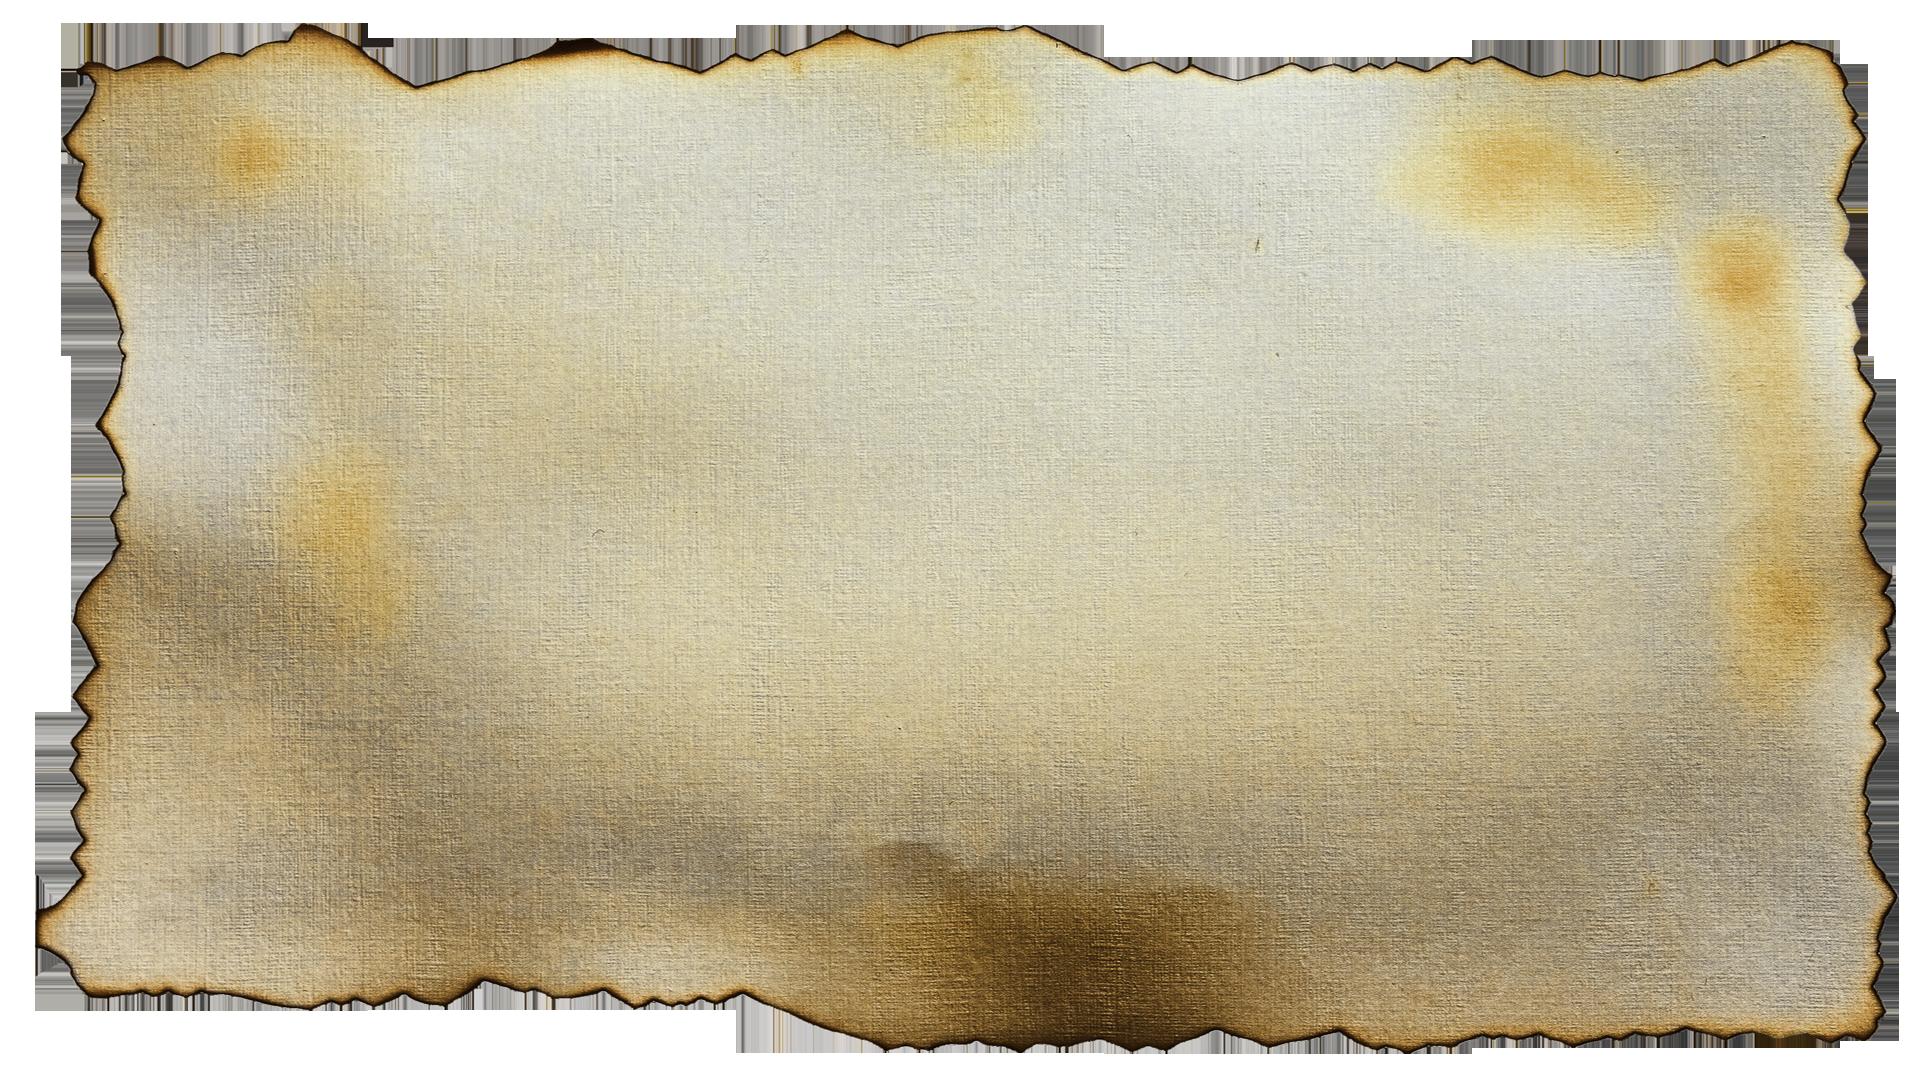 Burnt Paper PNG - 161793